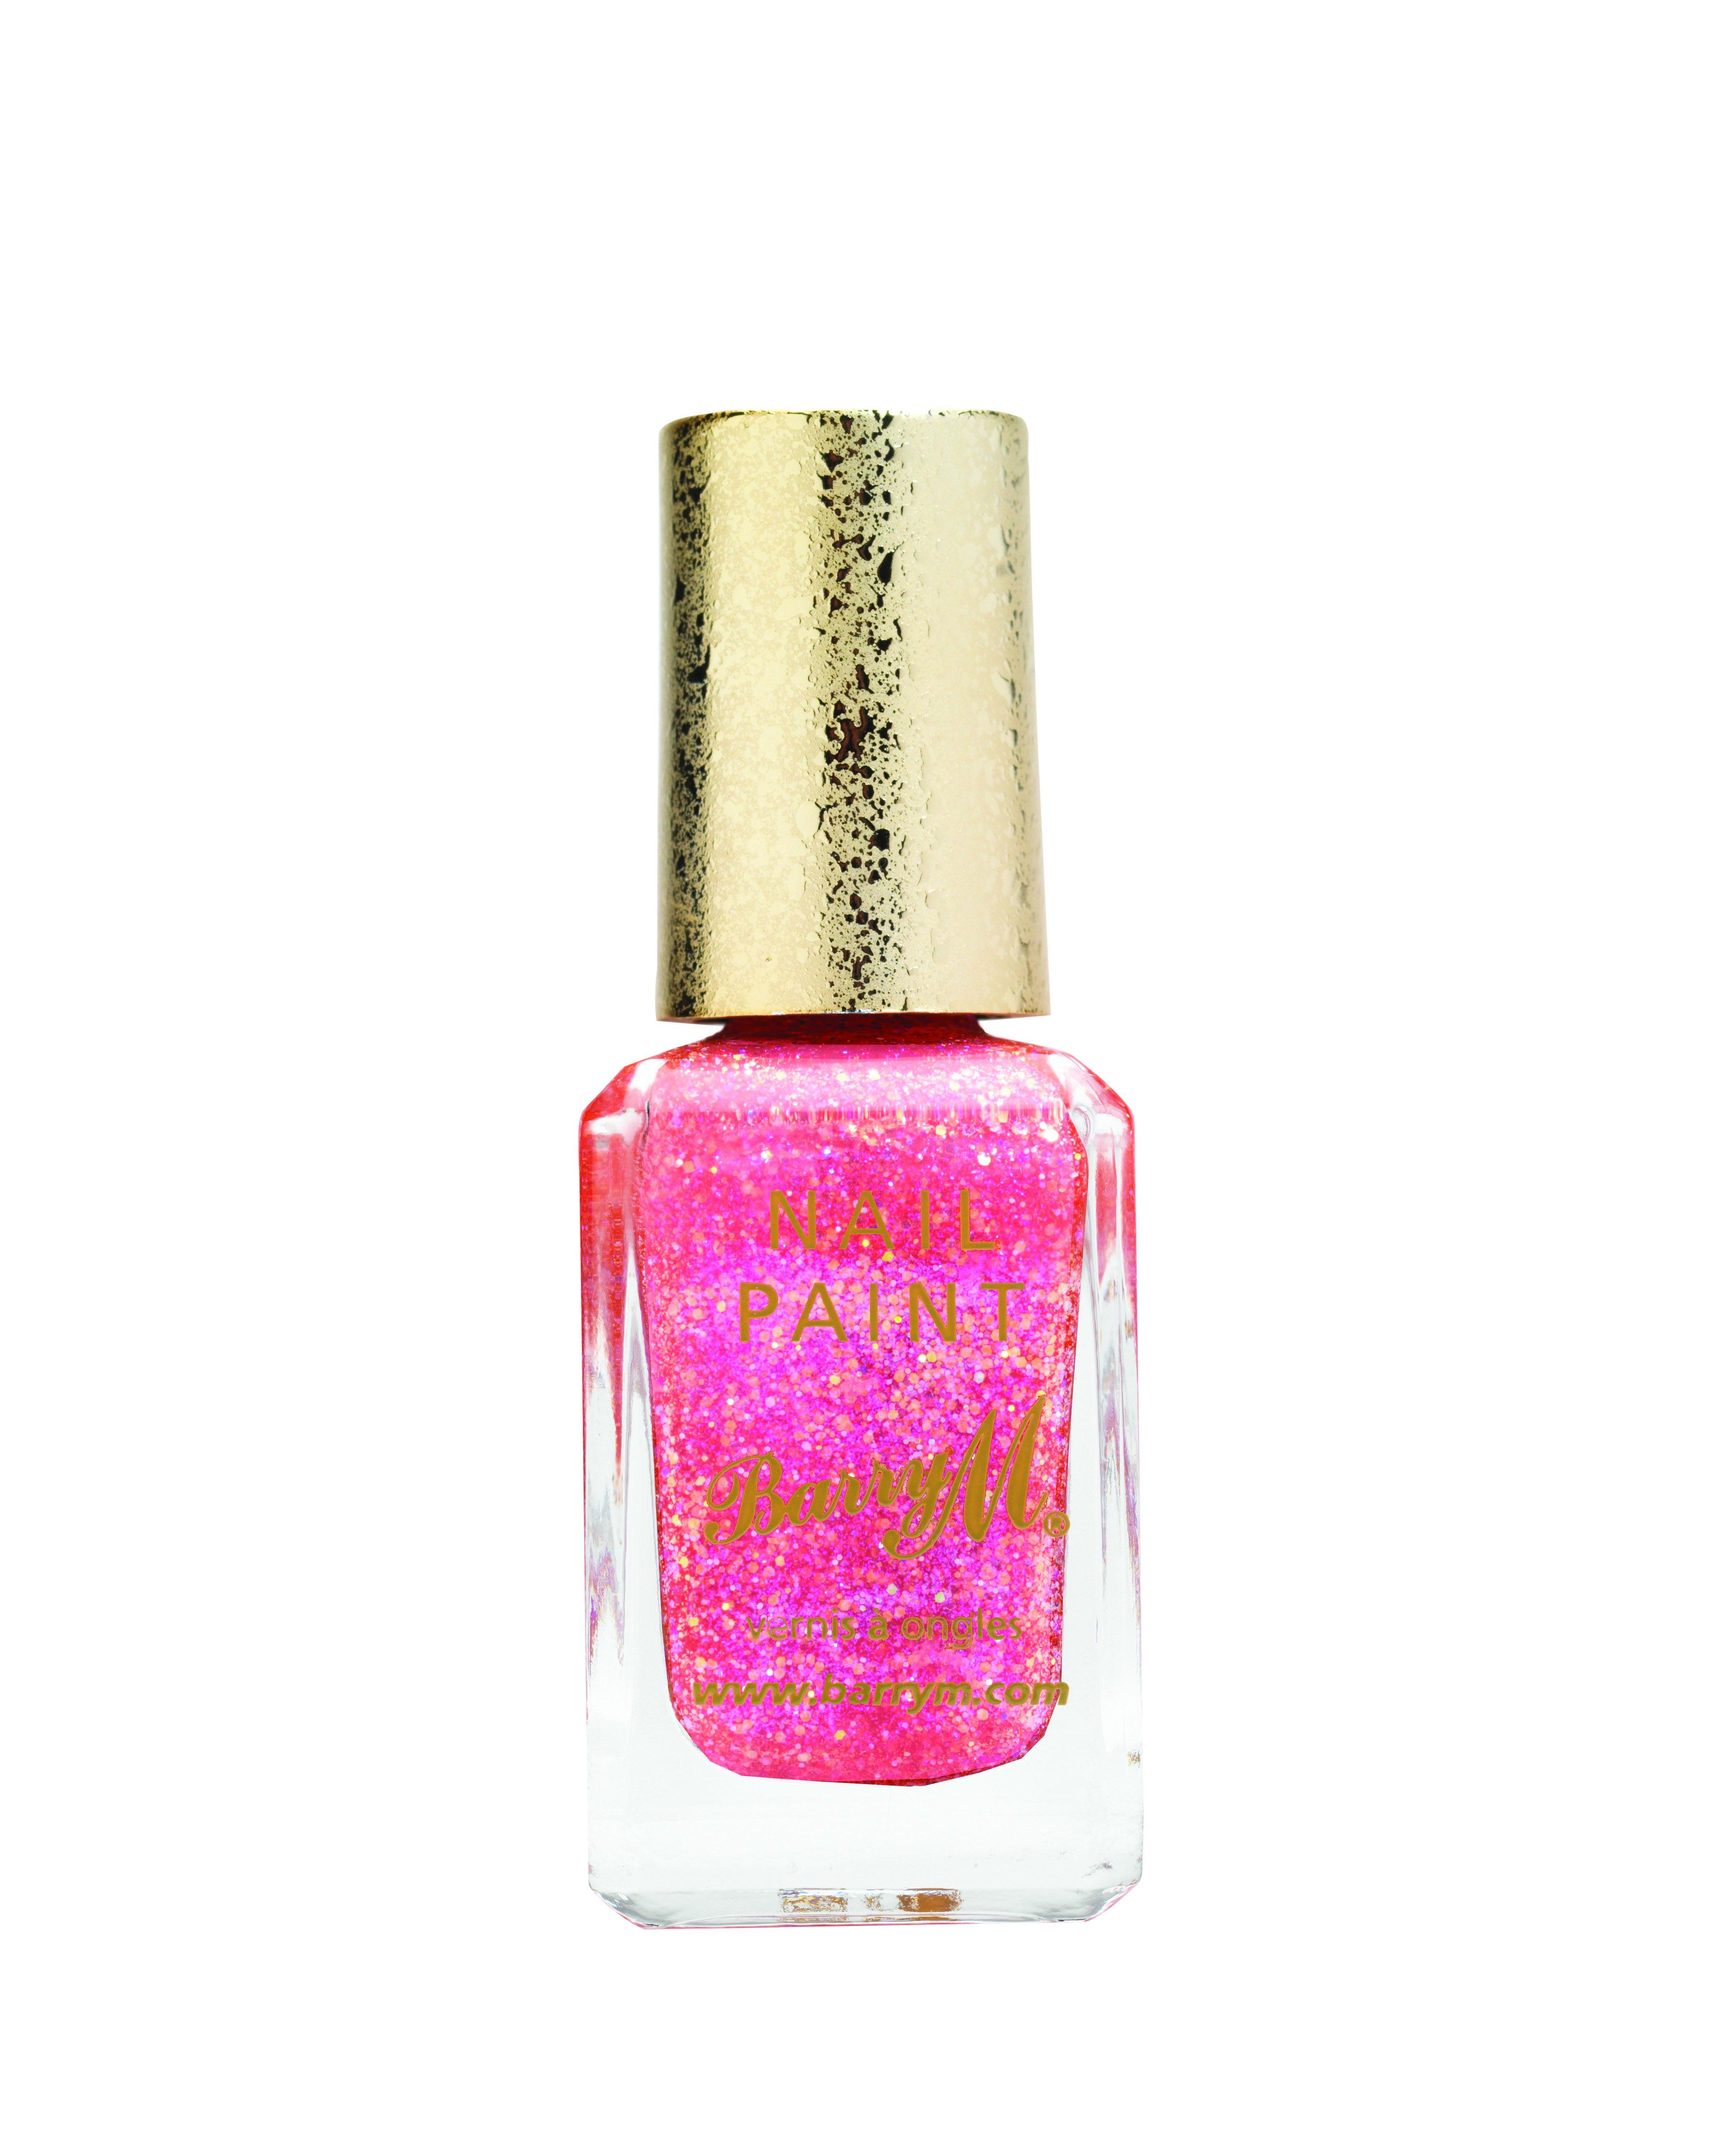 Barry M Glitterati Nail Paint in Starlet